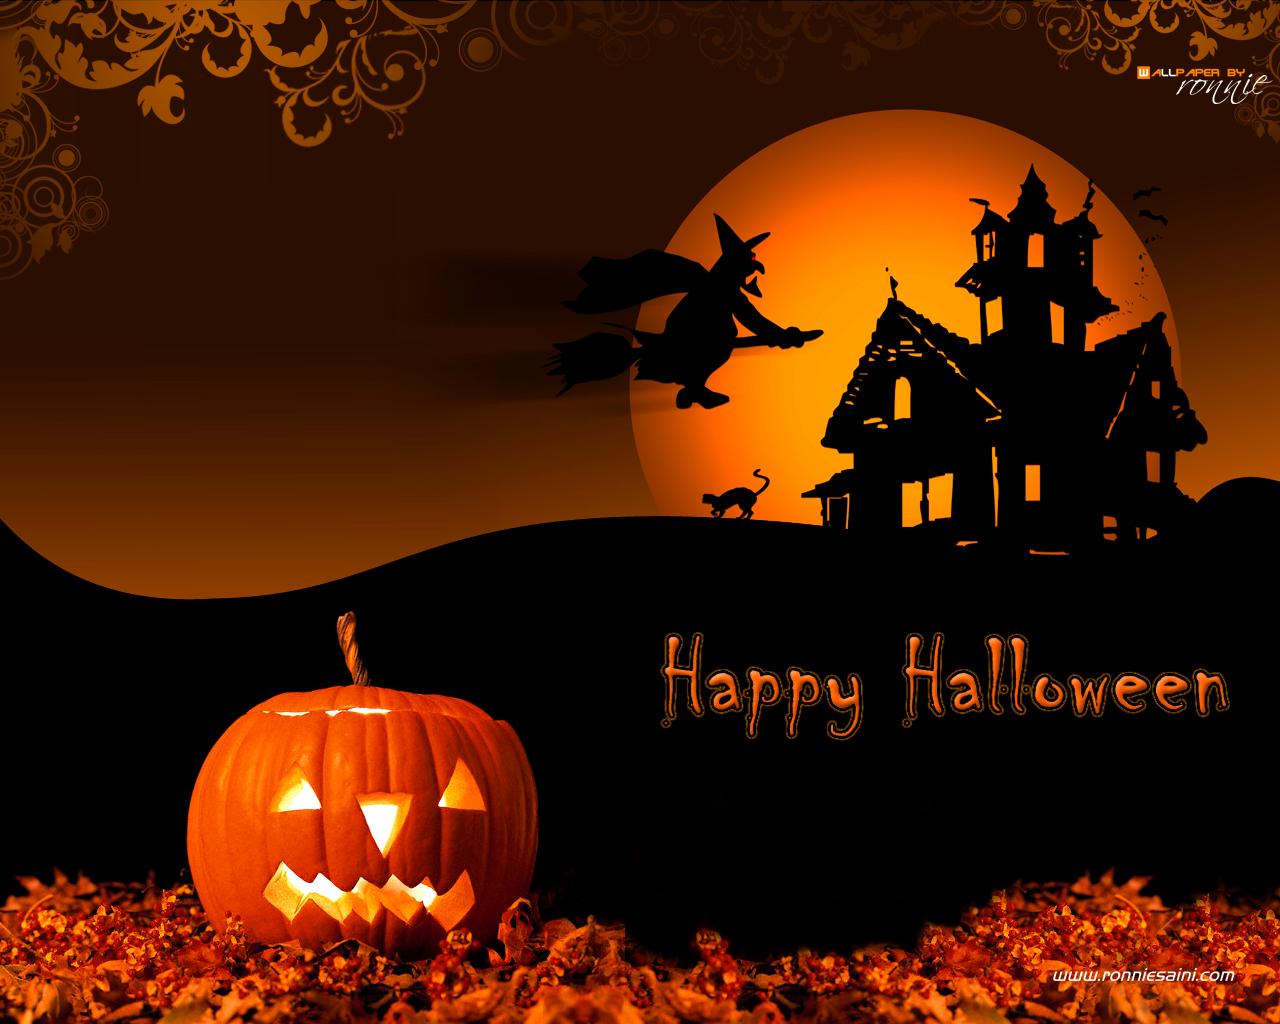 Images Halloween happy halloween 2015 pumpkins picture Halloween Wallpaper 2016 Dr Odd